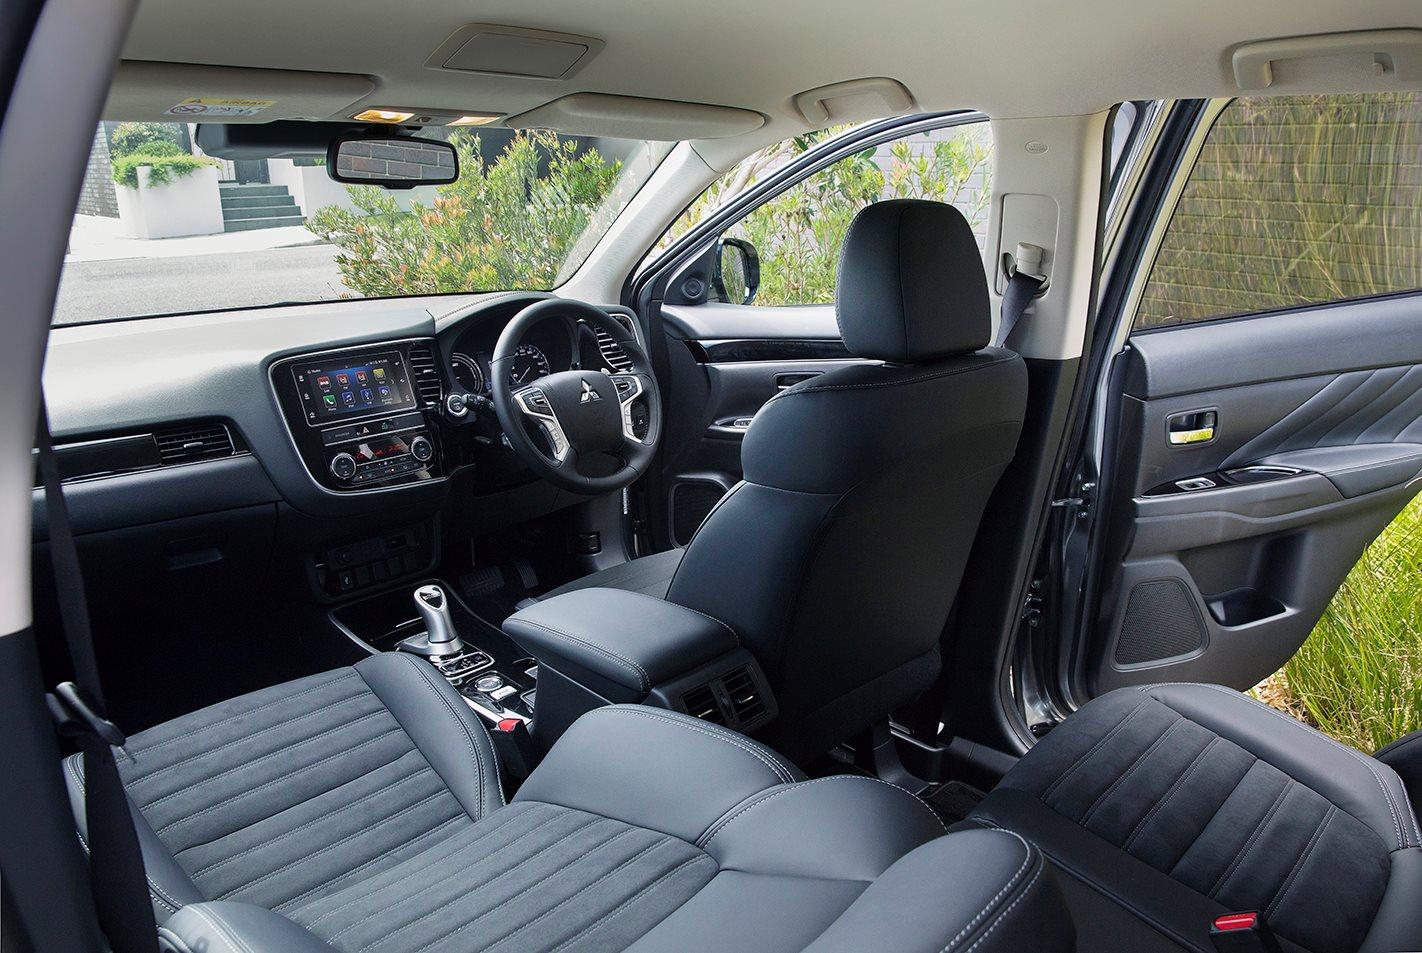 Toyota Rav4 Cruiser Hybrid v Mitsubishi Outlander PHEV